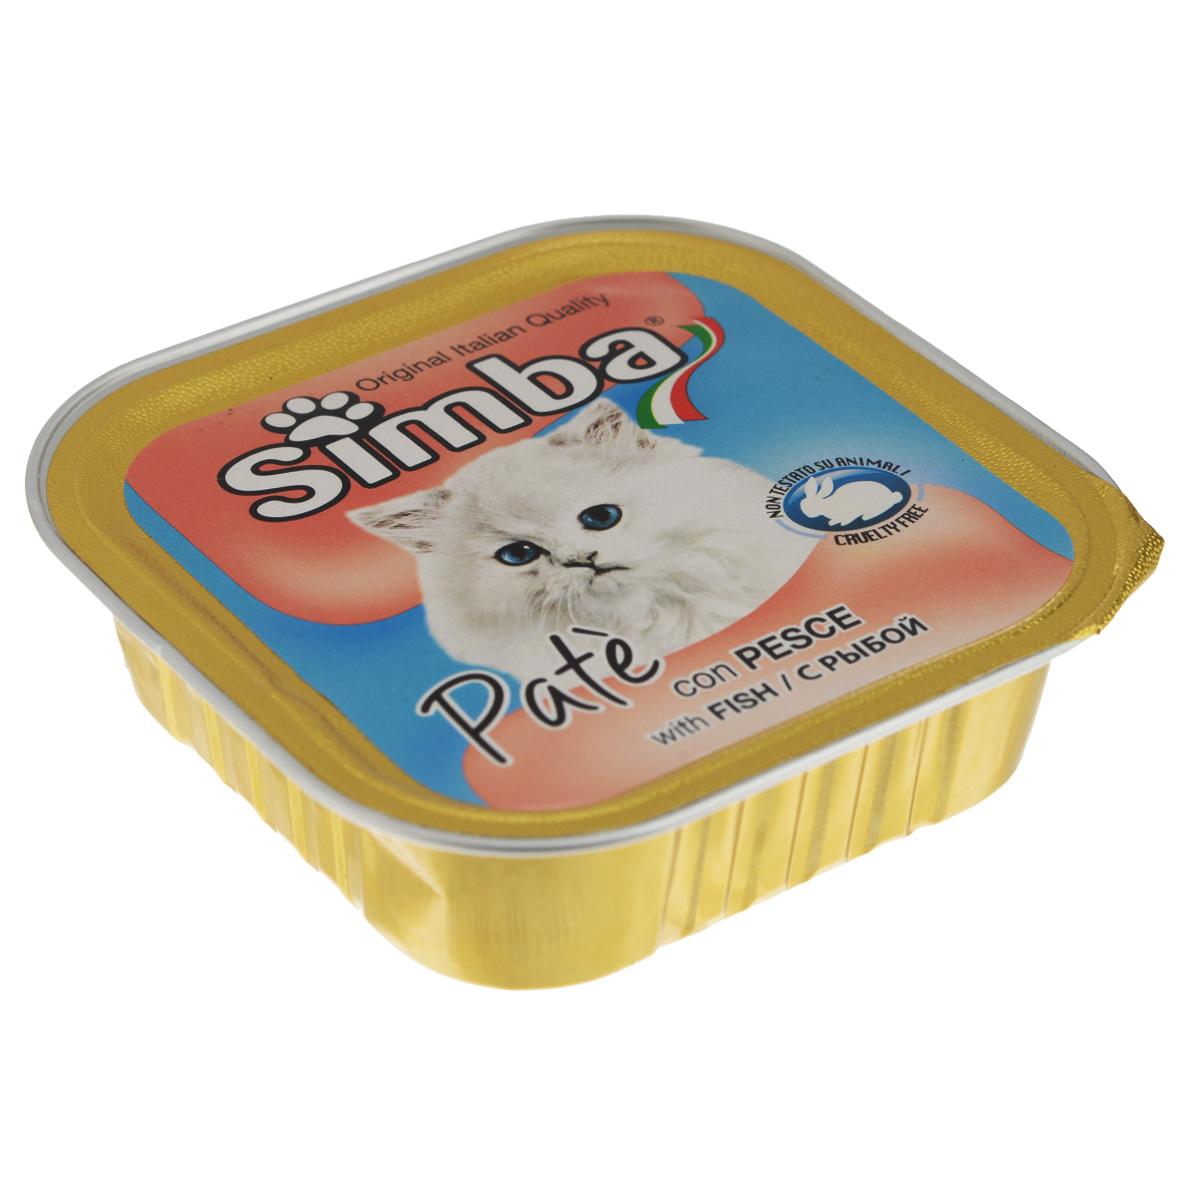 Консервы Monge Simba для взрослых кошек, паштет с рыбой, 100 г0120710Консервы Monge Simba - полнорационный корм для взрослых кошек. Без добавления консервантов и антиоксидантов. Экологически чистое производство гарантирует высочайшее качество и длительные сроки хранения консервов. Тщательный отбор сырья и содержащийся в нем полный набор витаминов и микроэлементов обеспечивает отличную усвояемость и отсутствие проблем с пищеварением у ваших любимых питомцев. Состав: мясо и мясные субпродукты, рыба и рыбные субпродукты (рыба 5%), каррагенин, минеральные вещества, натуральные красители и вкусовые добавки.Пищевая ценность: протеин 8,0%, жир 7,5%, зола 2,1%, клетчатка 0,4%, влажность 82%. Добавки на кг: витамин А: 1 200; витамин D3: 160; витамин Е: 5 мг/кг.Товар сертифицирован.